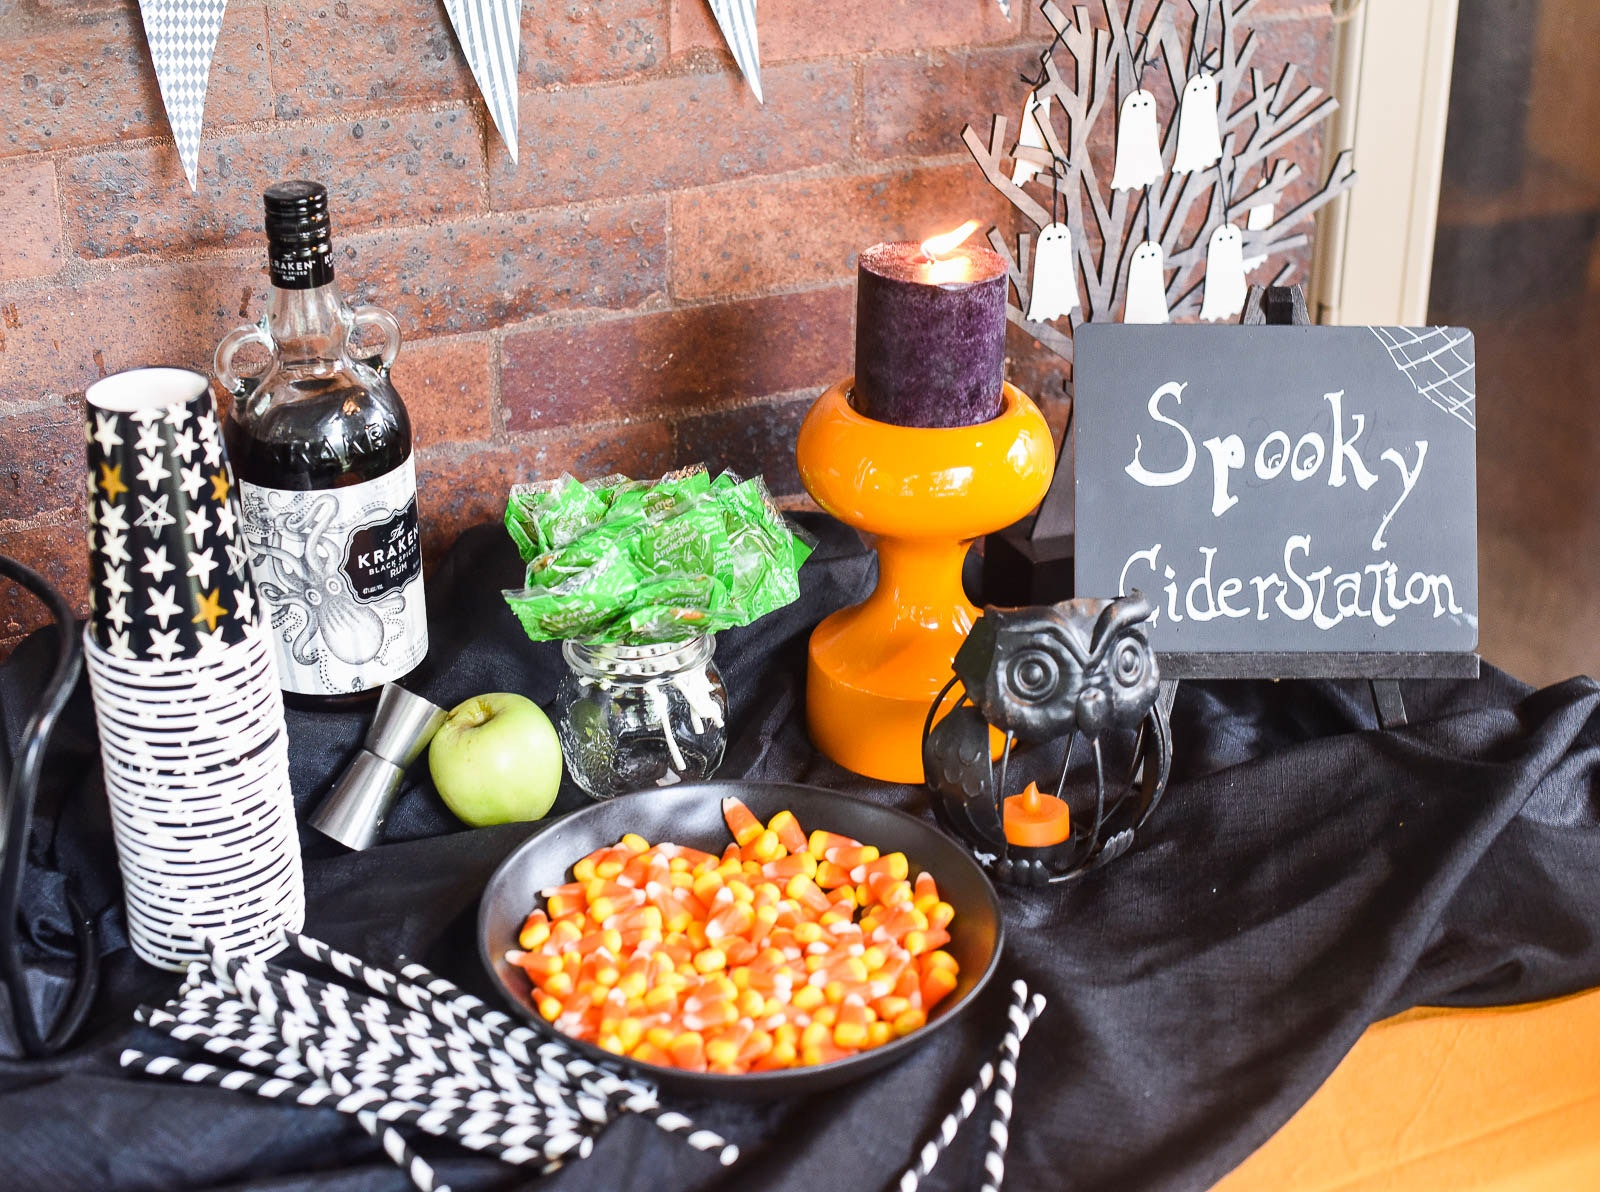 Spooky Cider Station